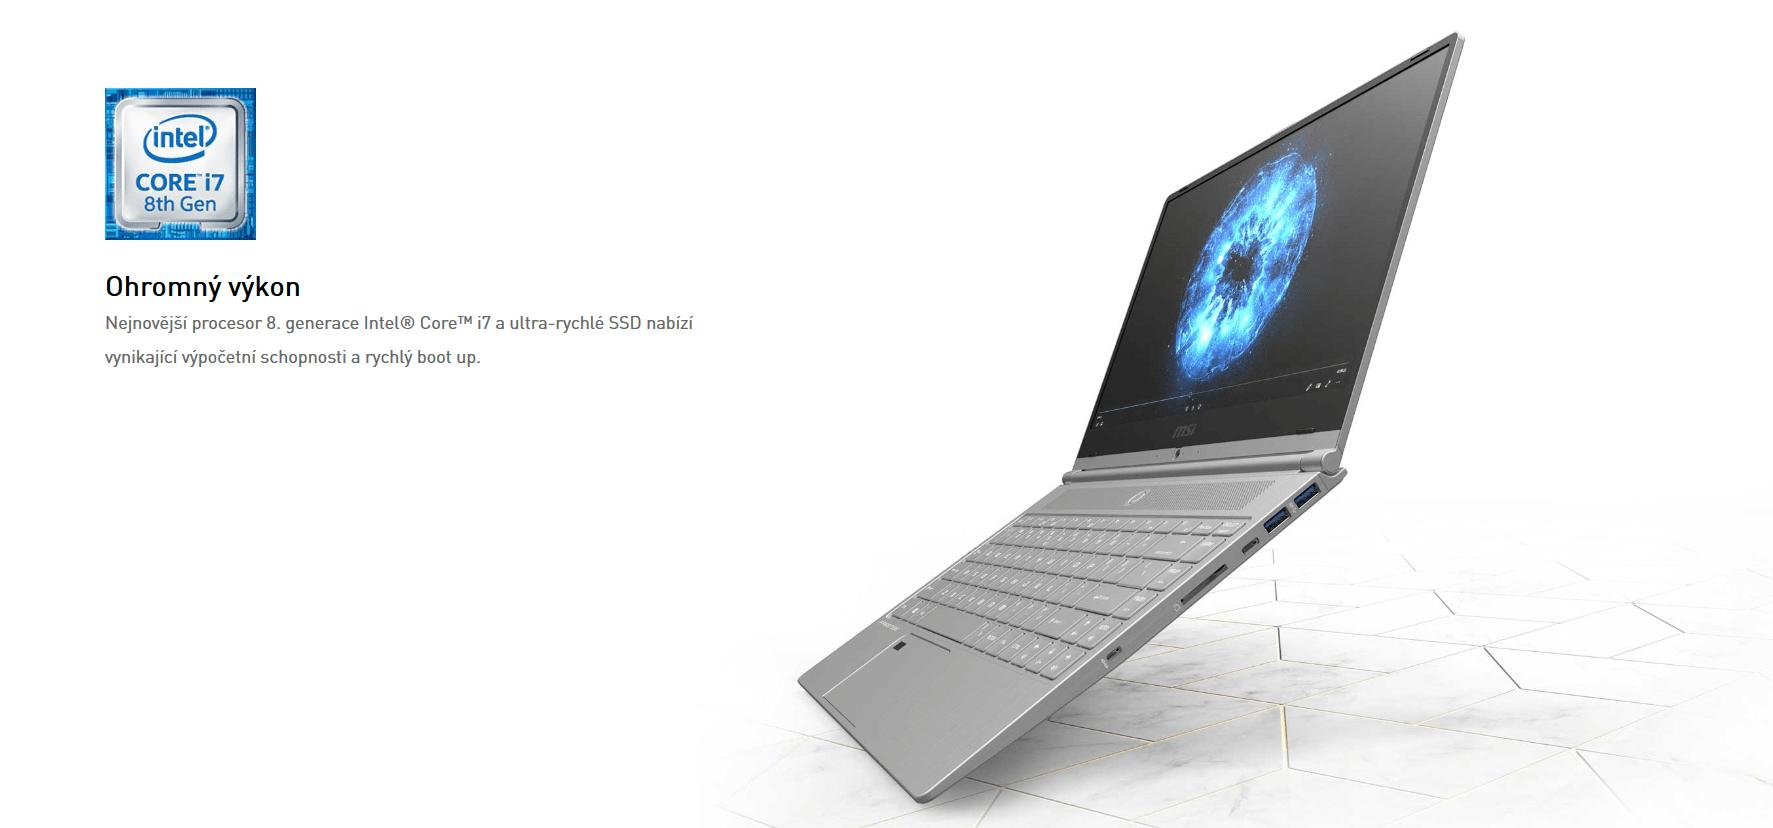 Posledná verzia NVIDIA grafik GeForce® GTX 1060 spolu s MSI notebookmi vás ohromí svojím výkonom a možnosťami